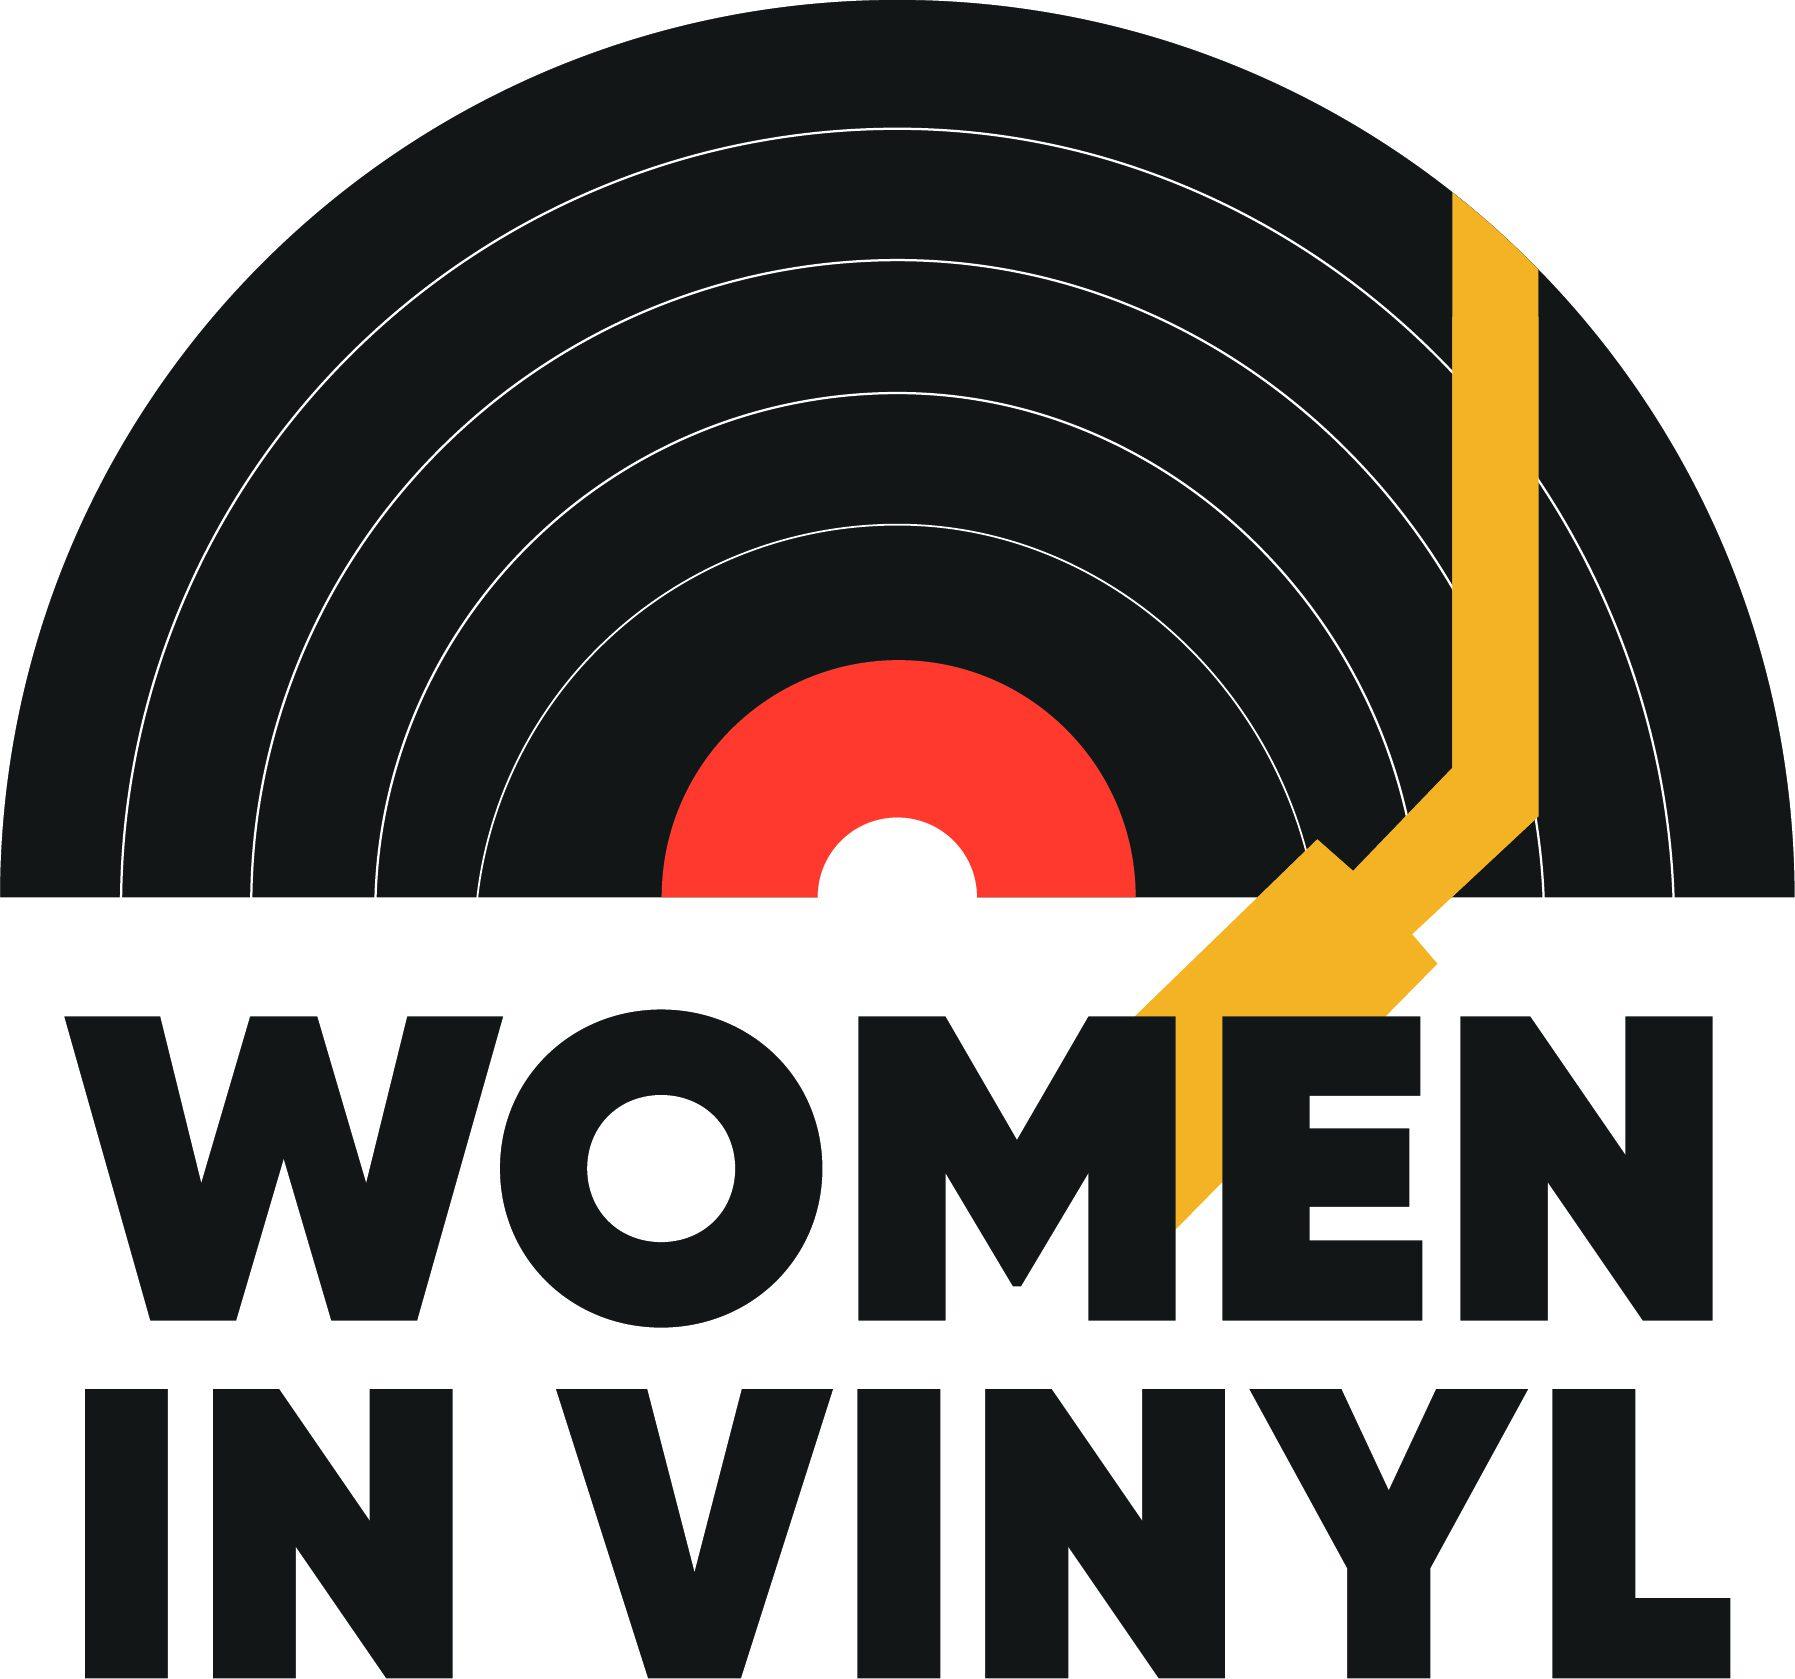 Women in Vinyl